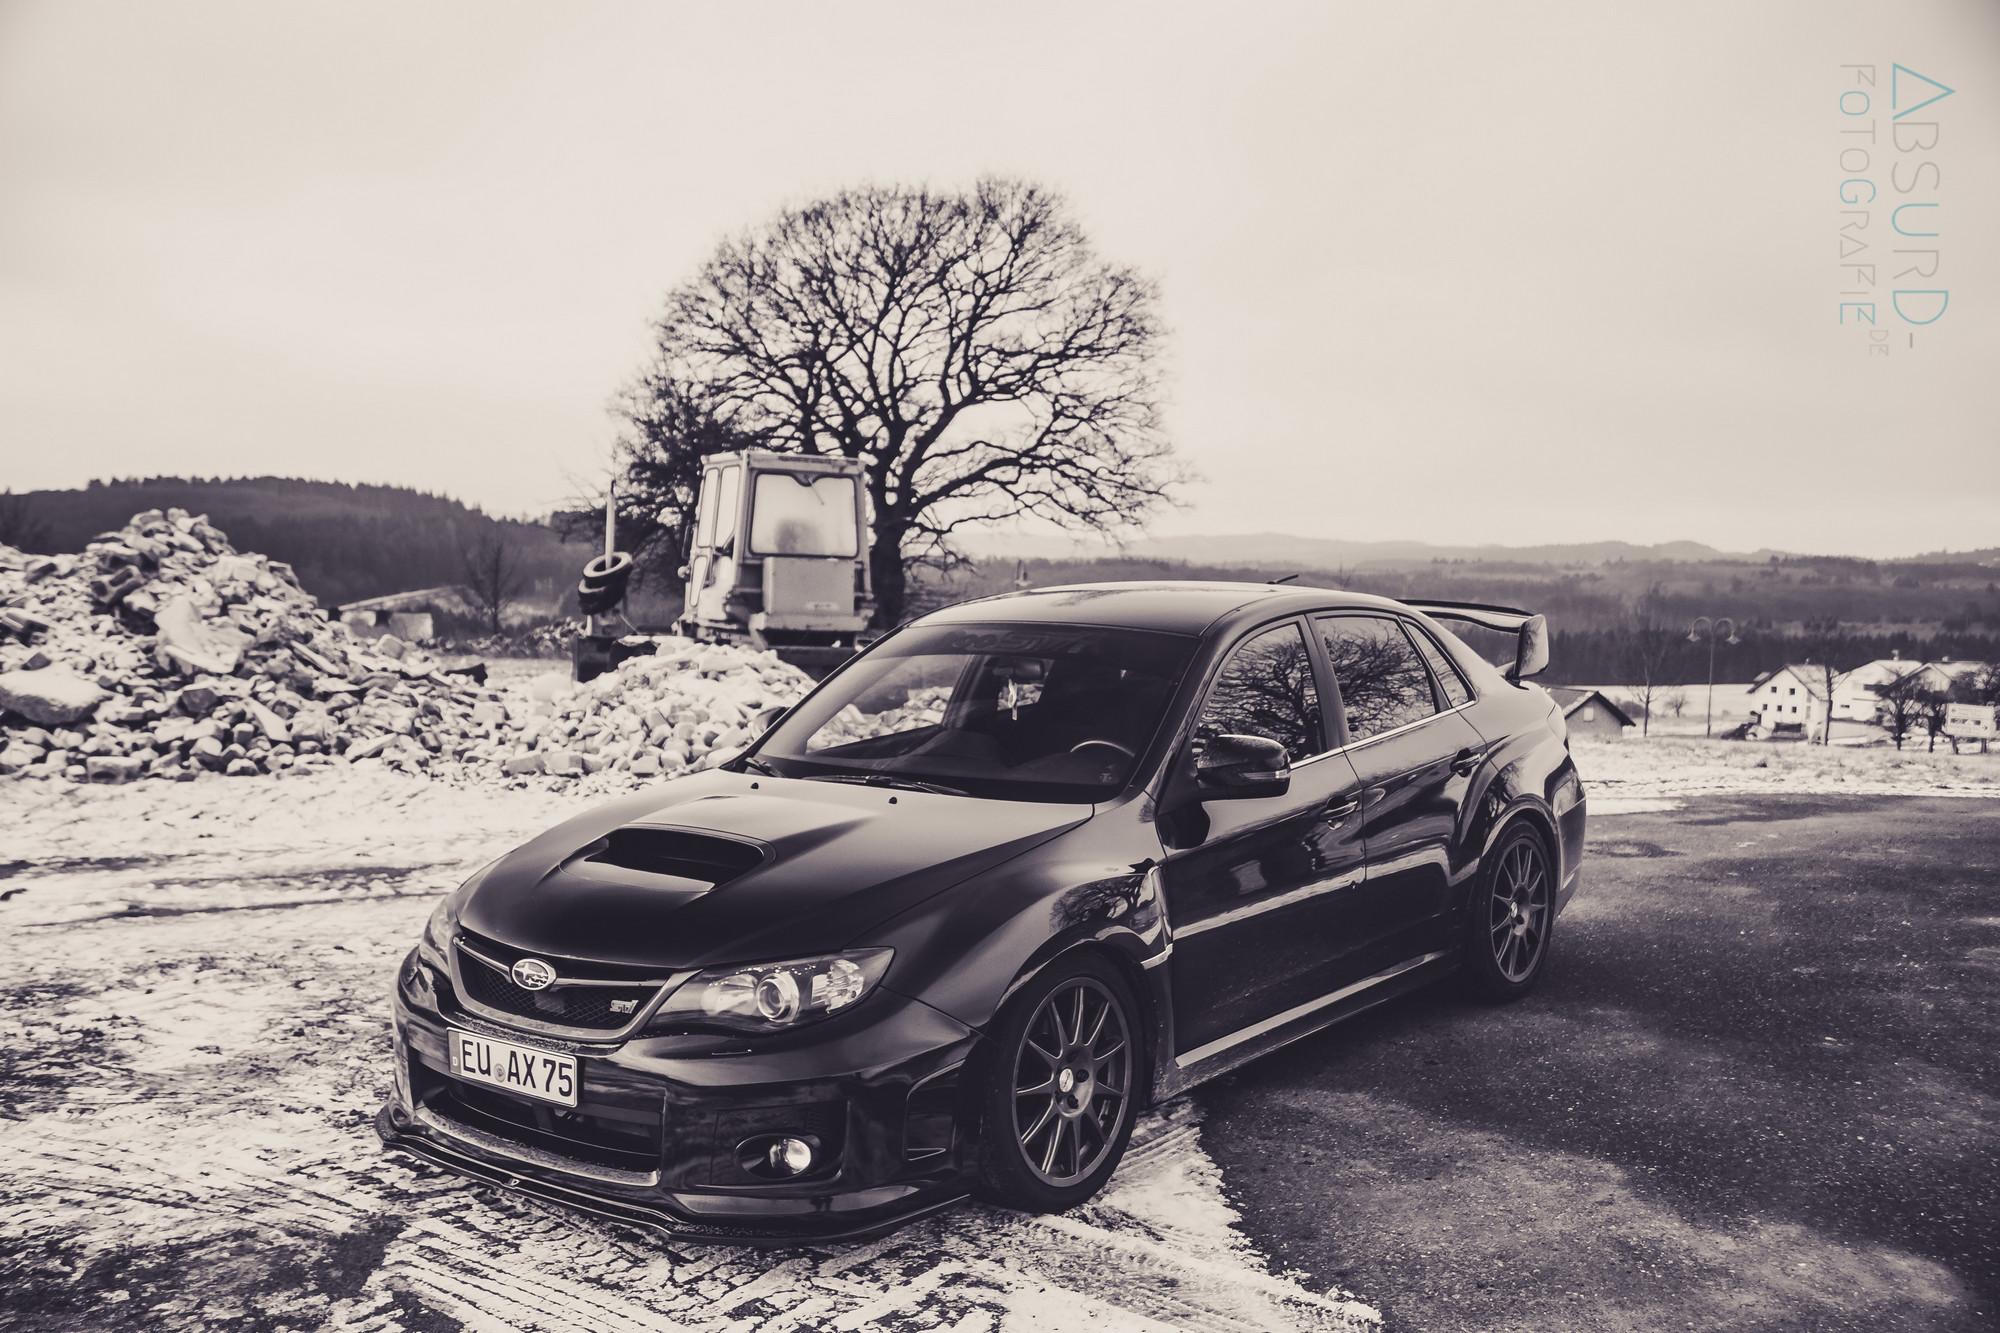 2019-01-20-Alex-Subaru-STI - DSC01981-00098-lredit-_tn.jpg